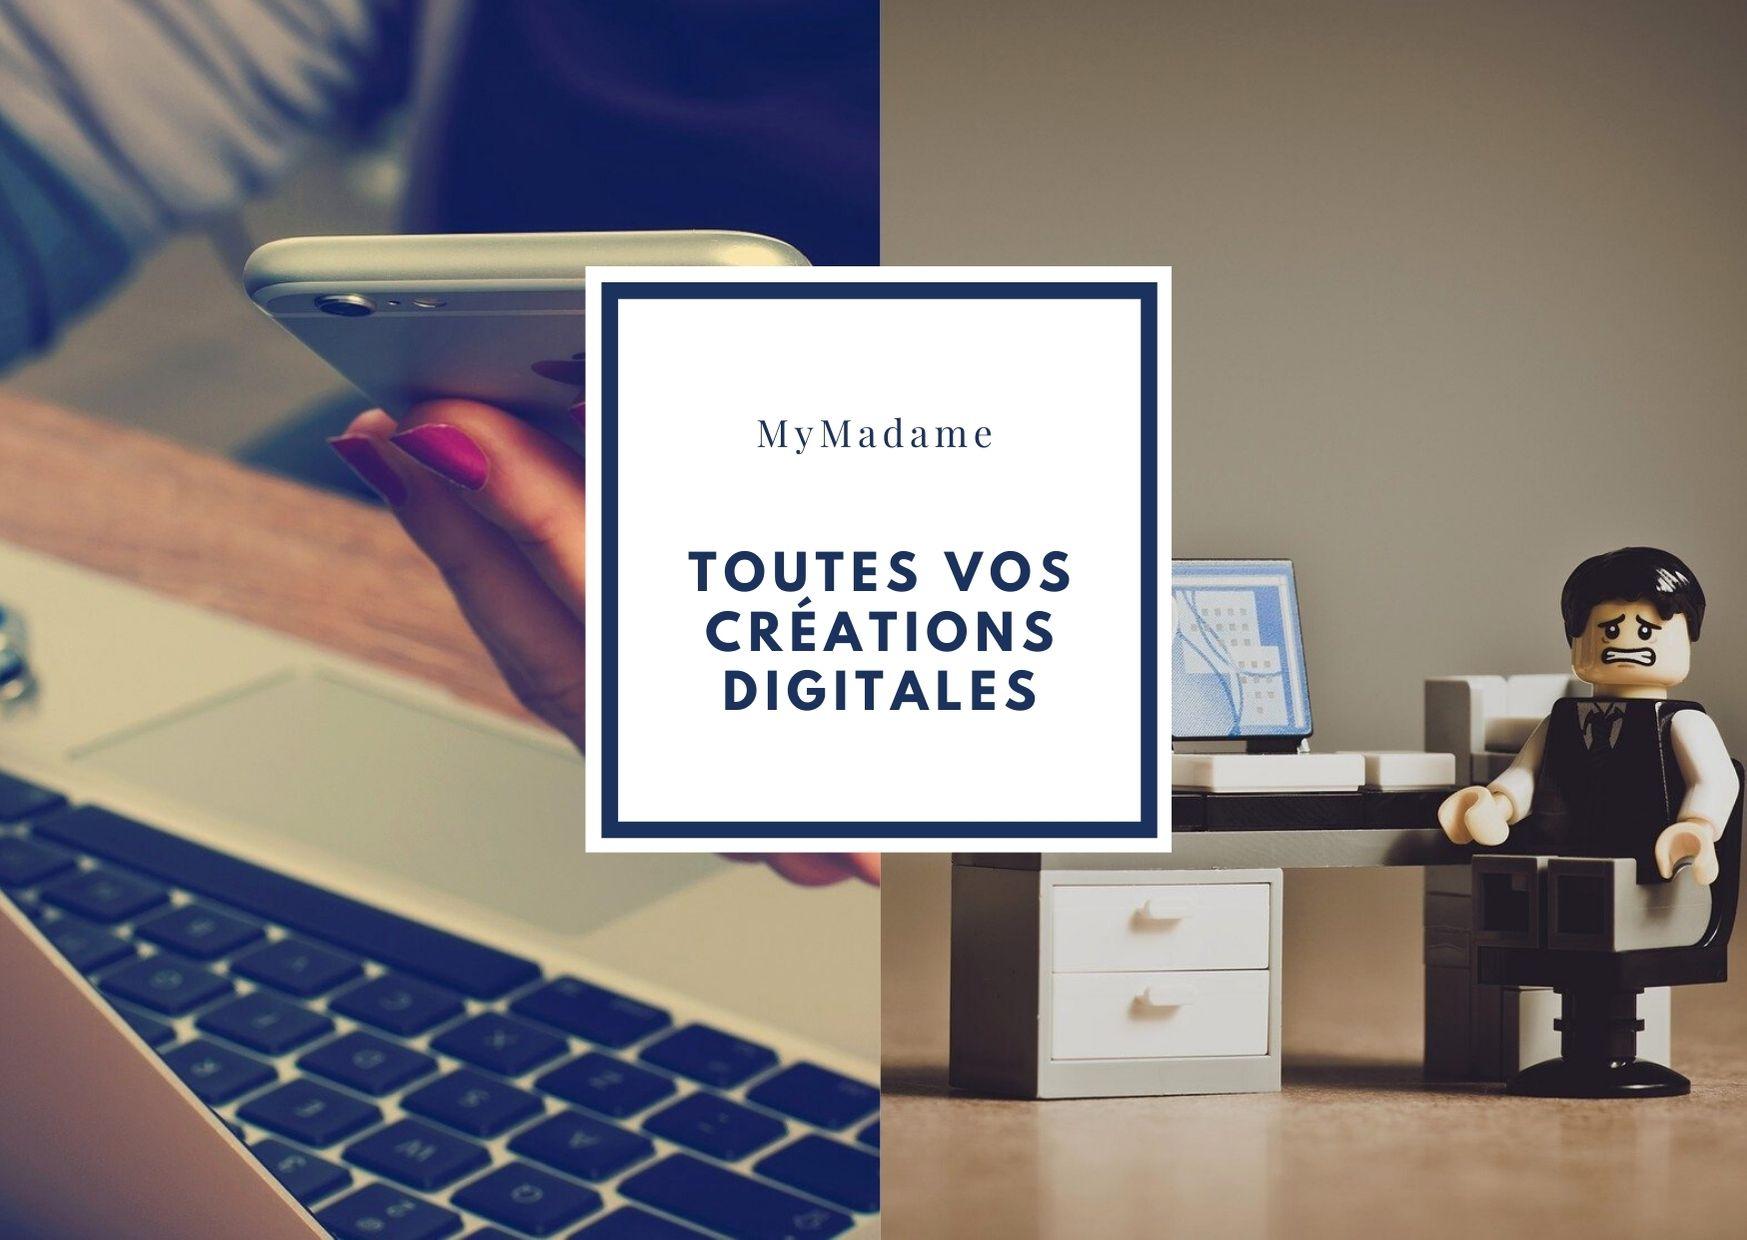 MyMadame - Agence Digitale à la Flotte